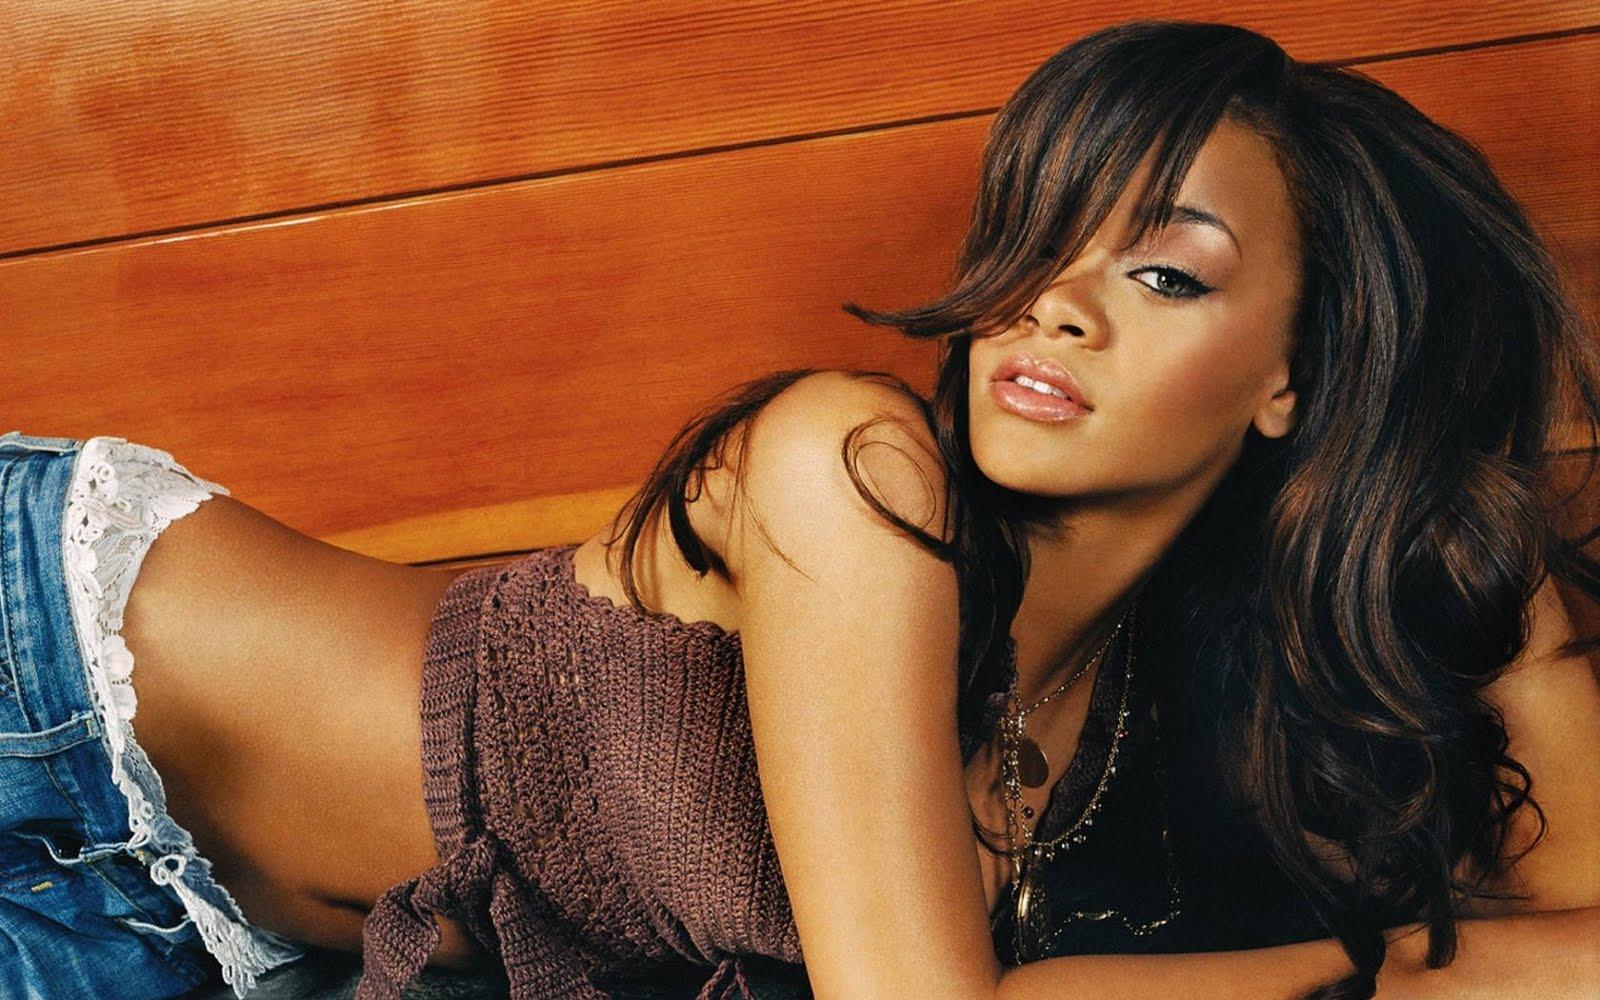 52 stocks at <b>Rihanna Wallpapers</b> group